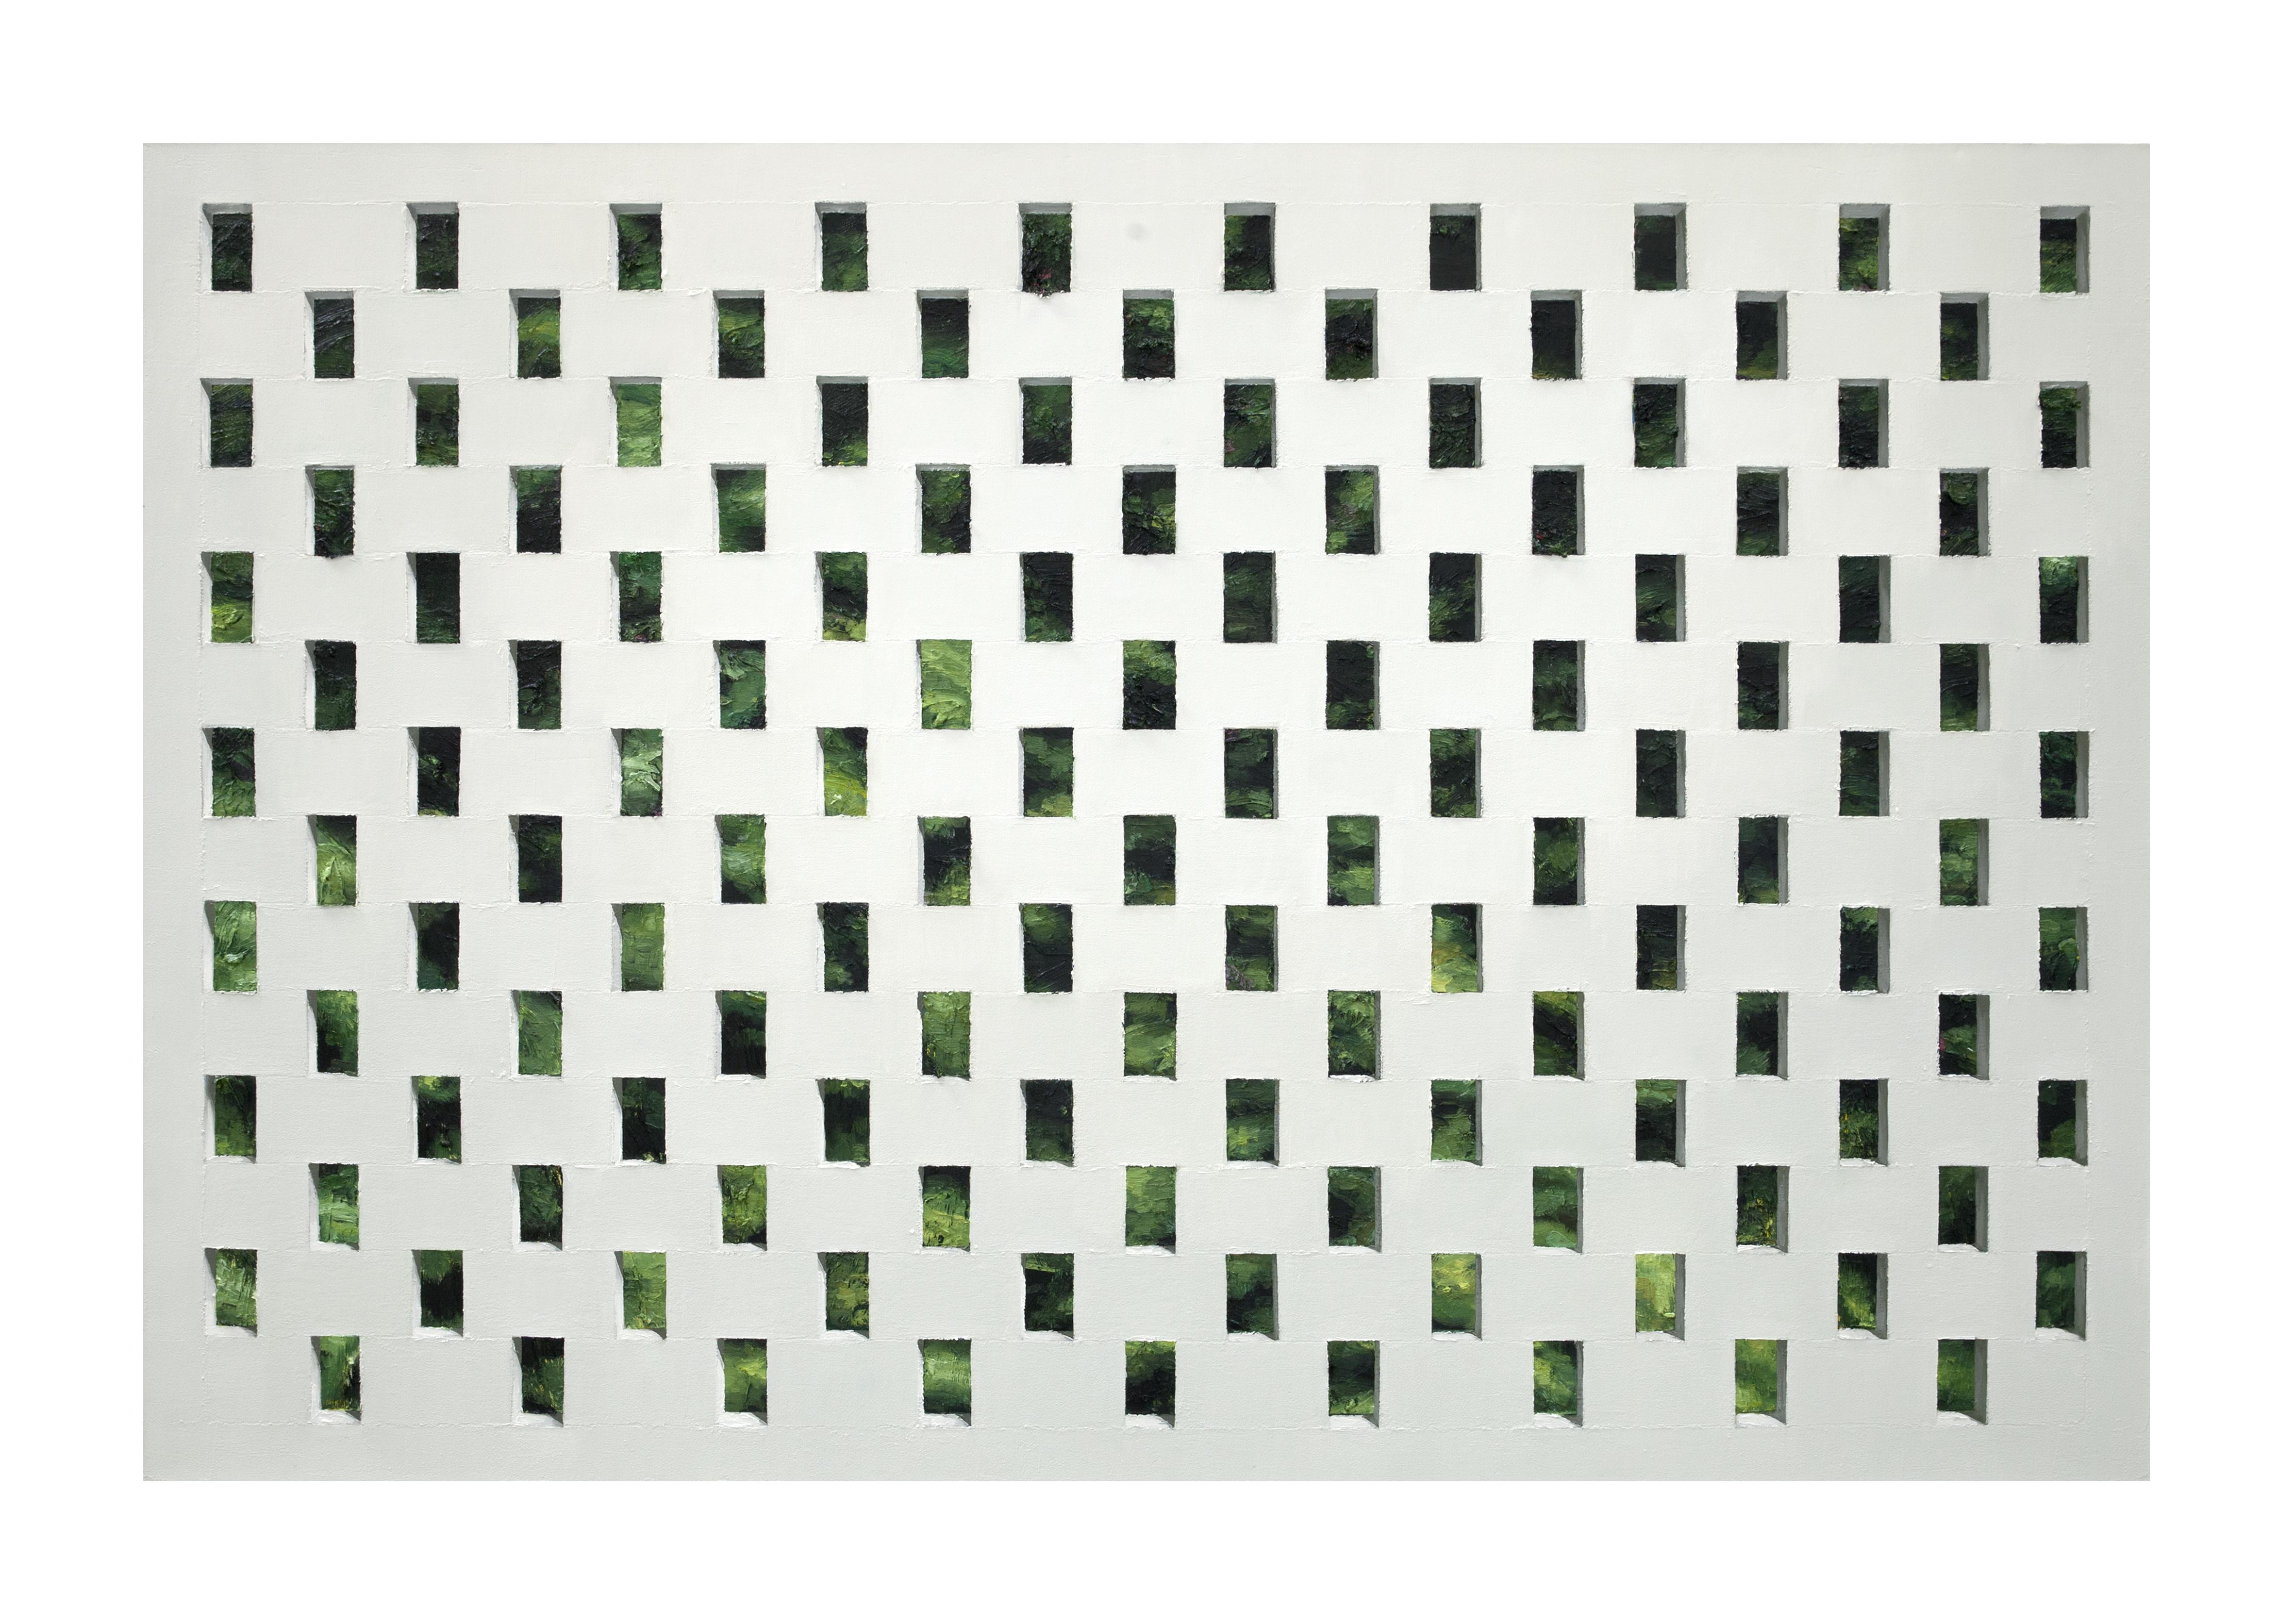 14-wall-150-x-225